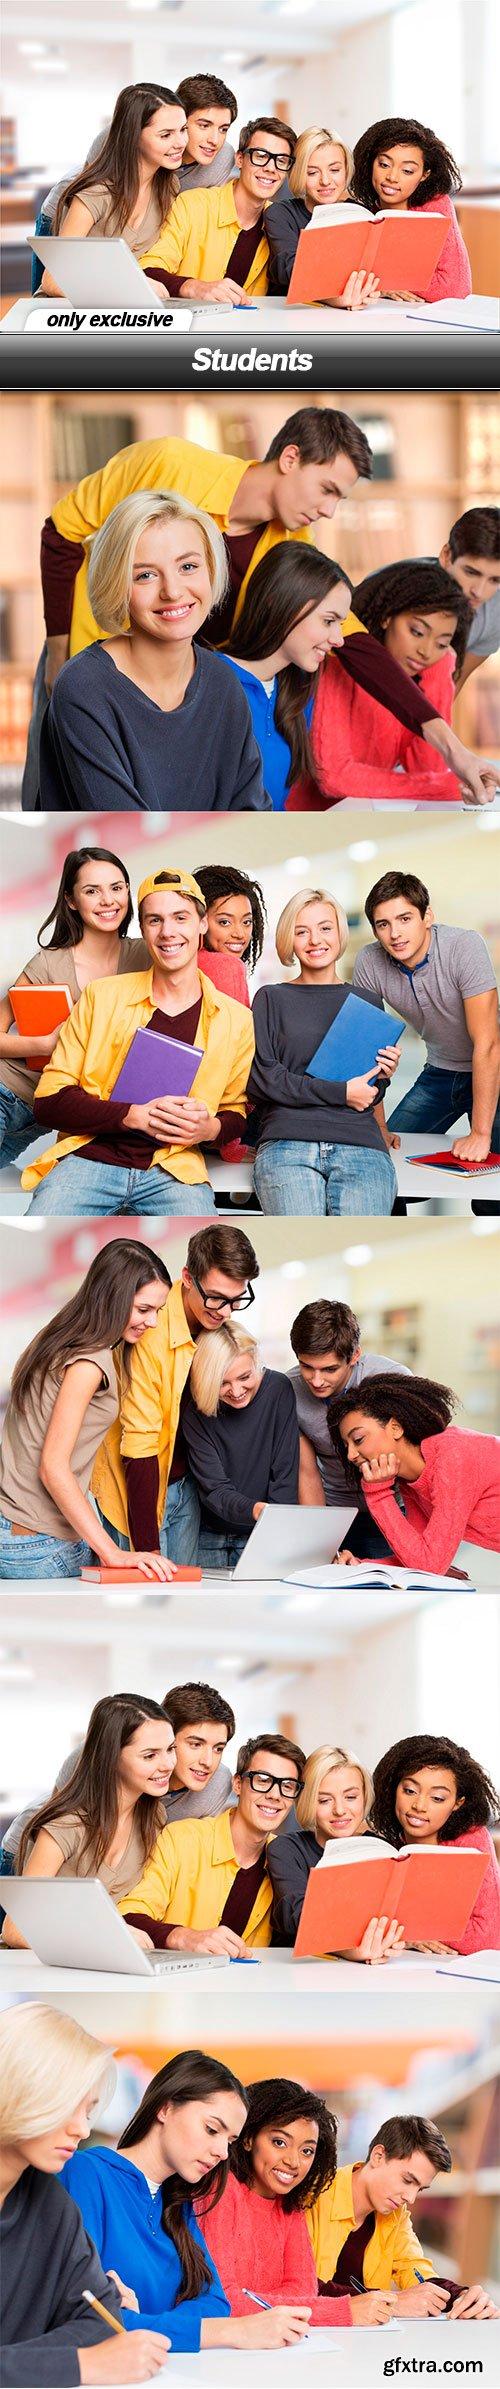 Students - 5 UHQ JPEG